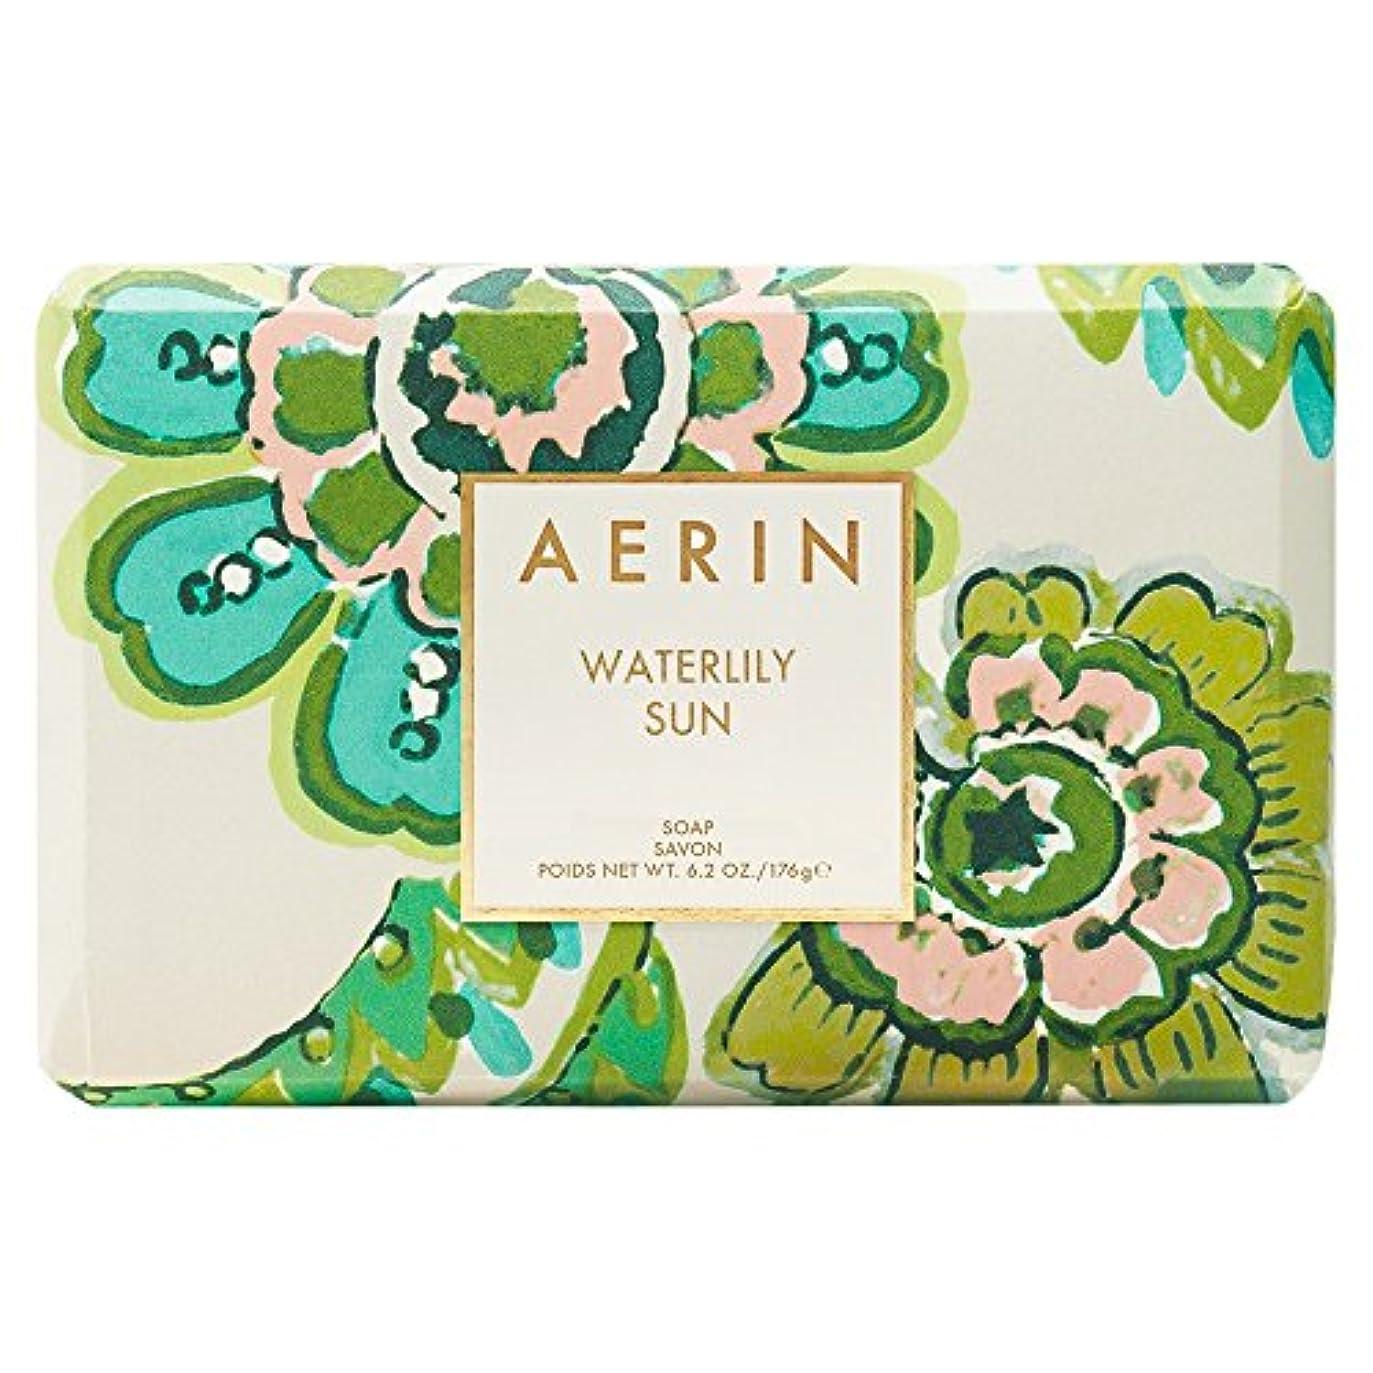 ジャム瞑想する助けてAerinスイレン日石鹸176グラム (AERIN) (x2) - AERIN Waterlily Sun Soap 176g (Pack of 2) [並行輸入品]